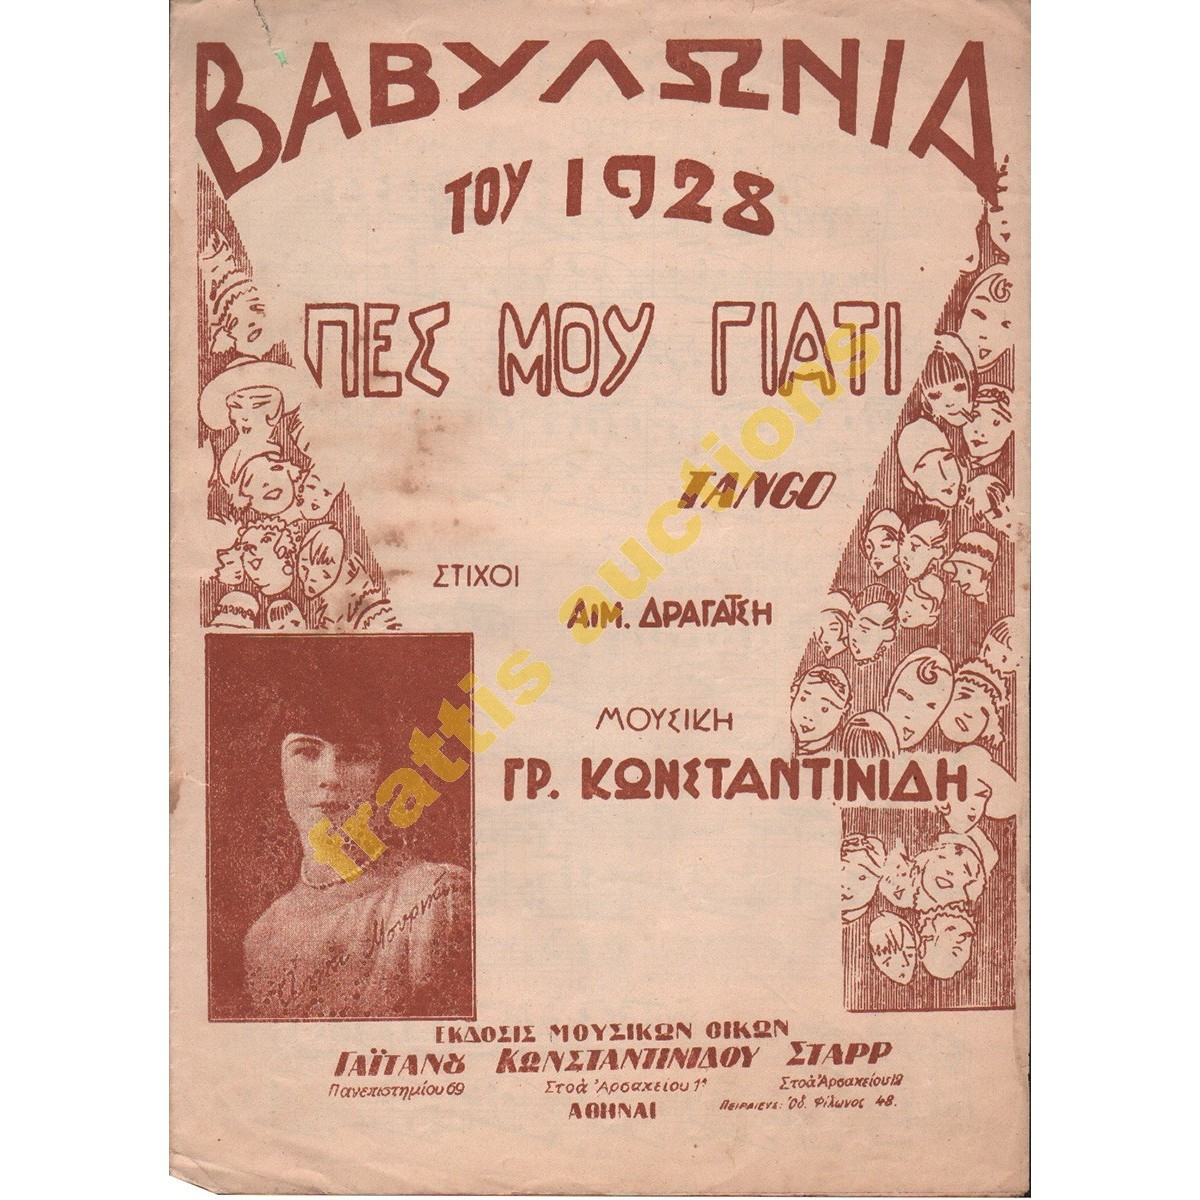 Βαβυλωνία του 1928, Πες μου γιατί.